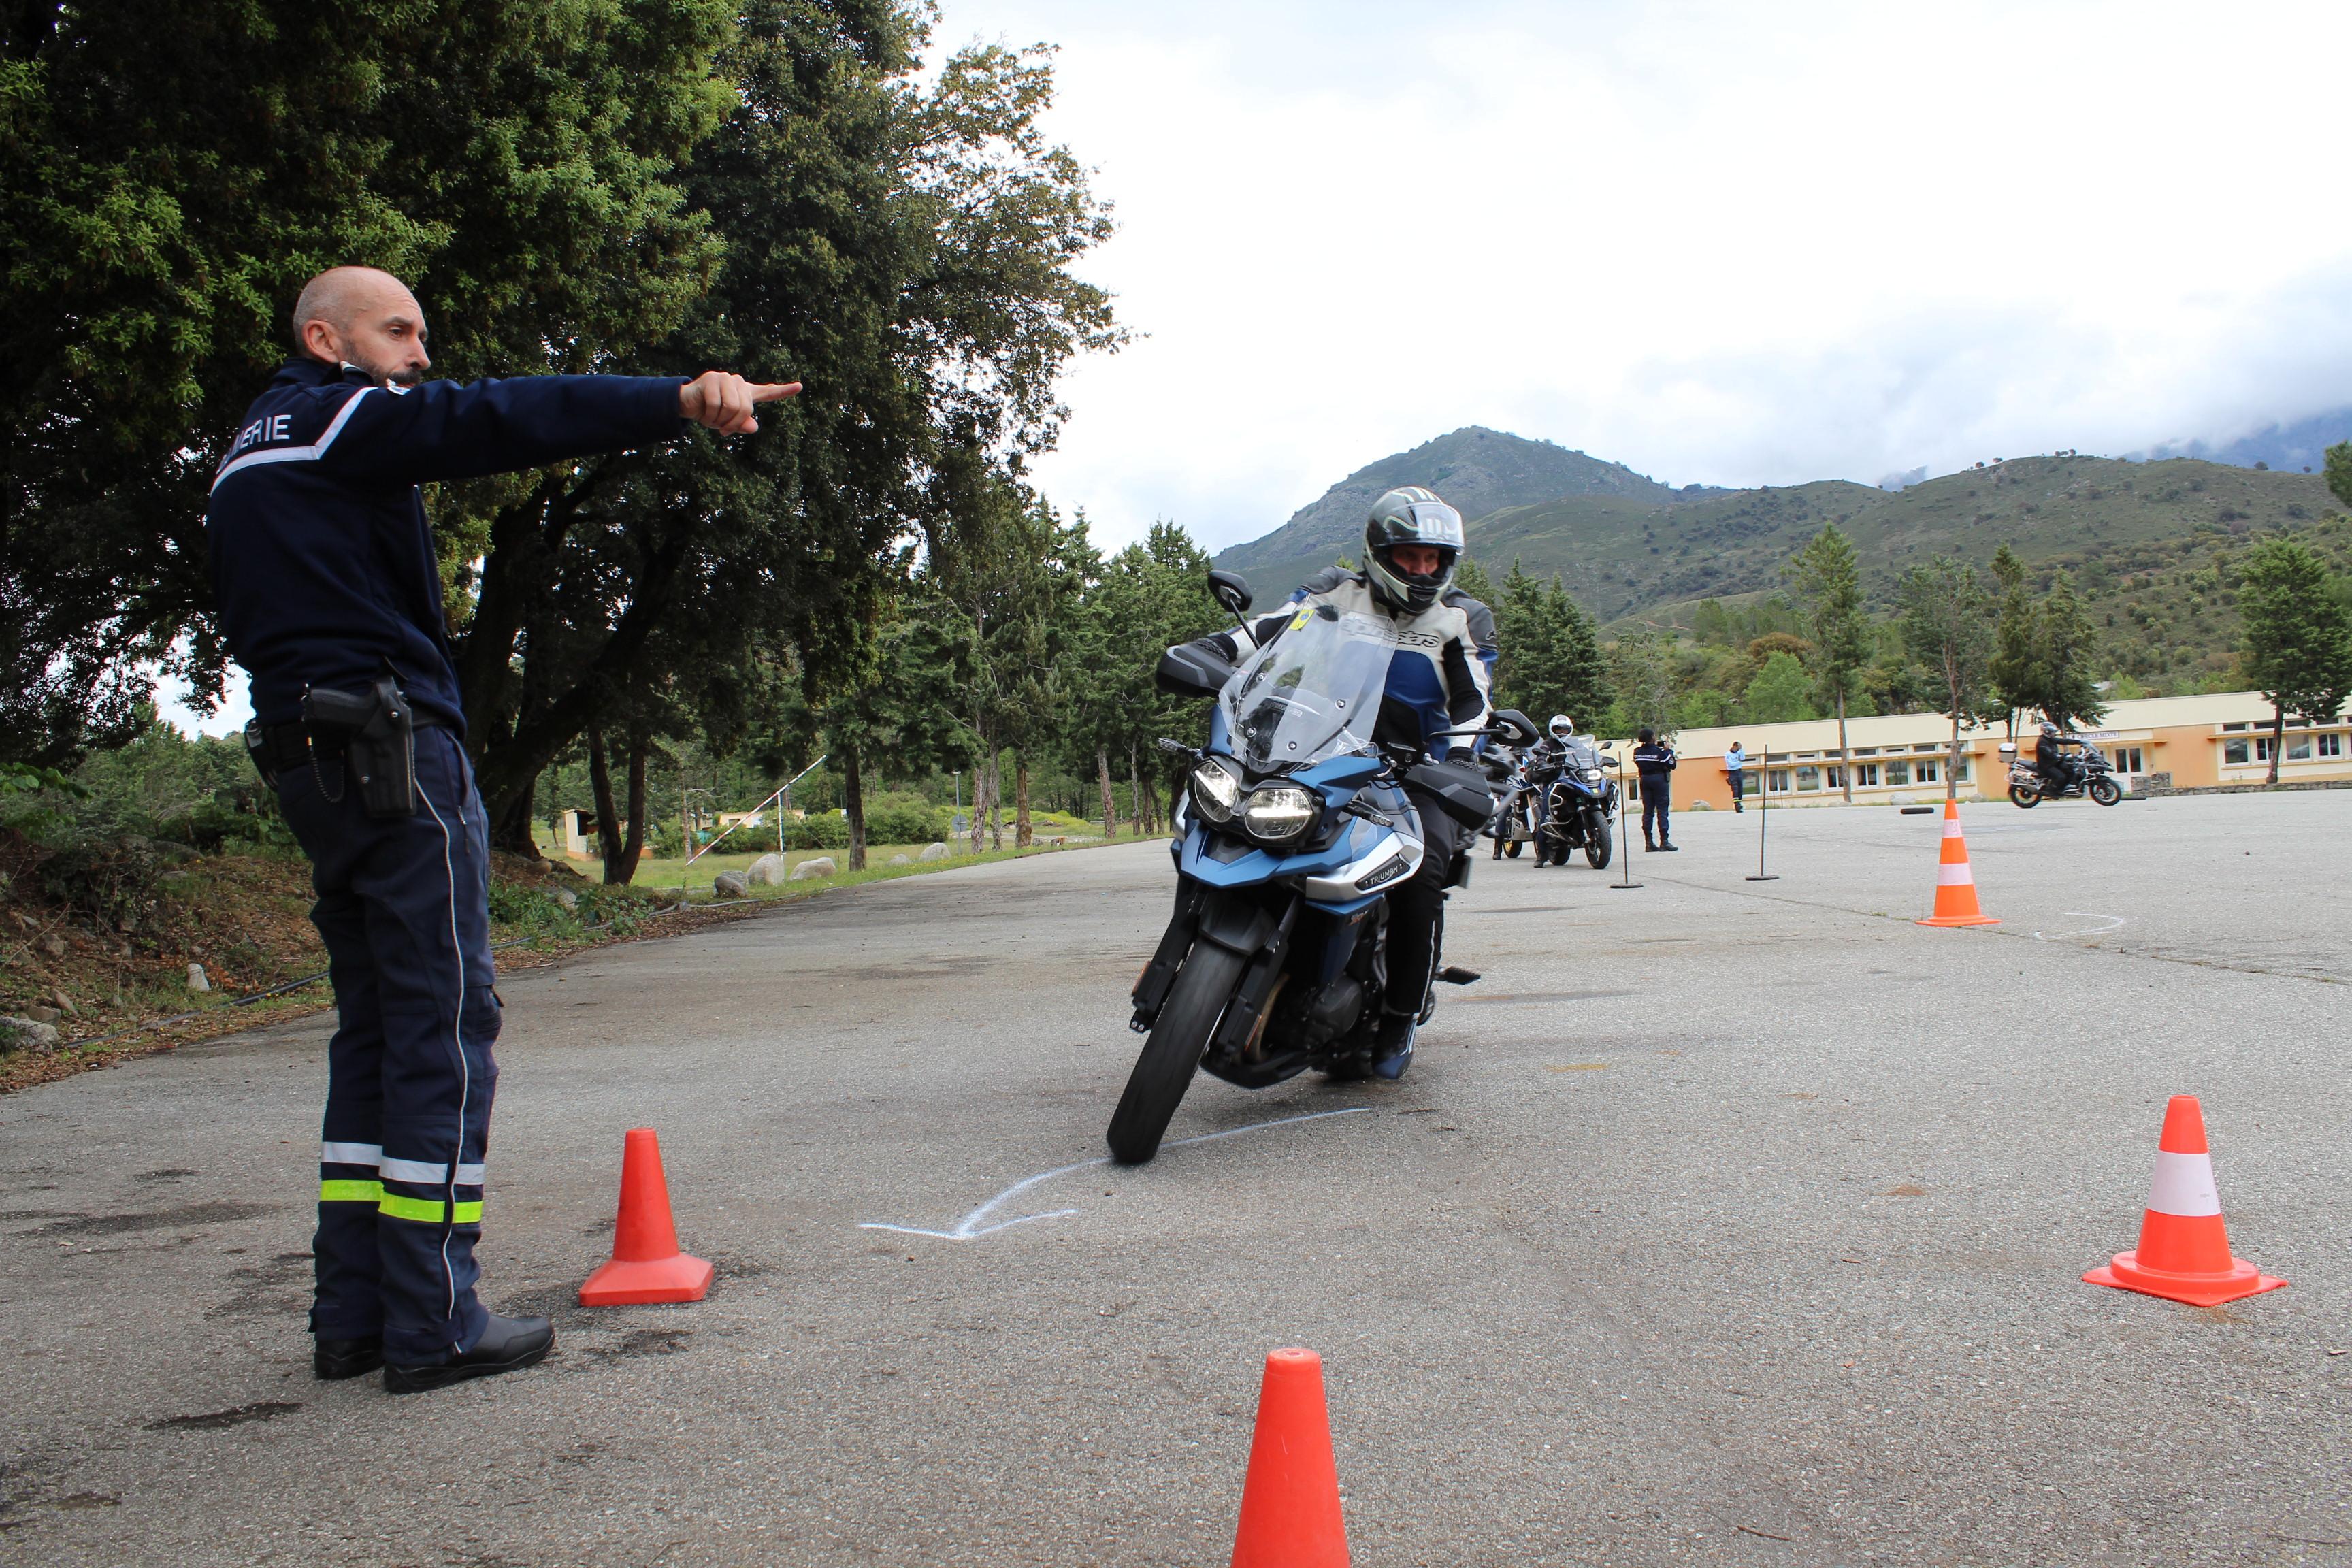 site de rencontre pour motocycliste)